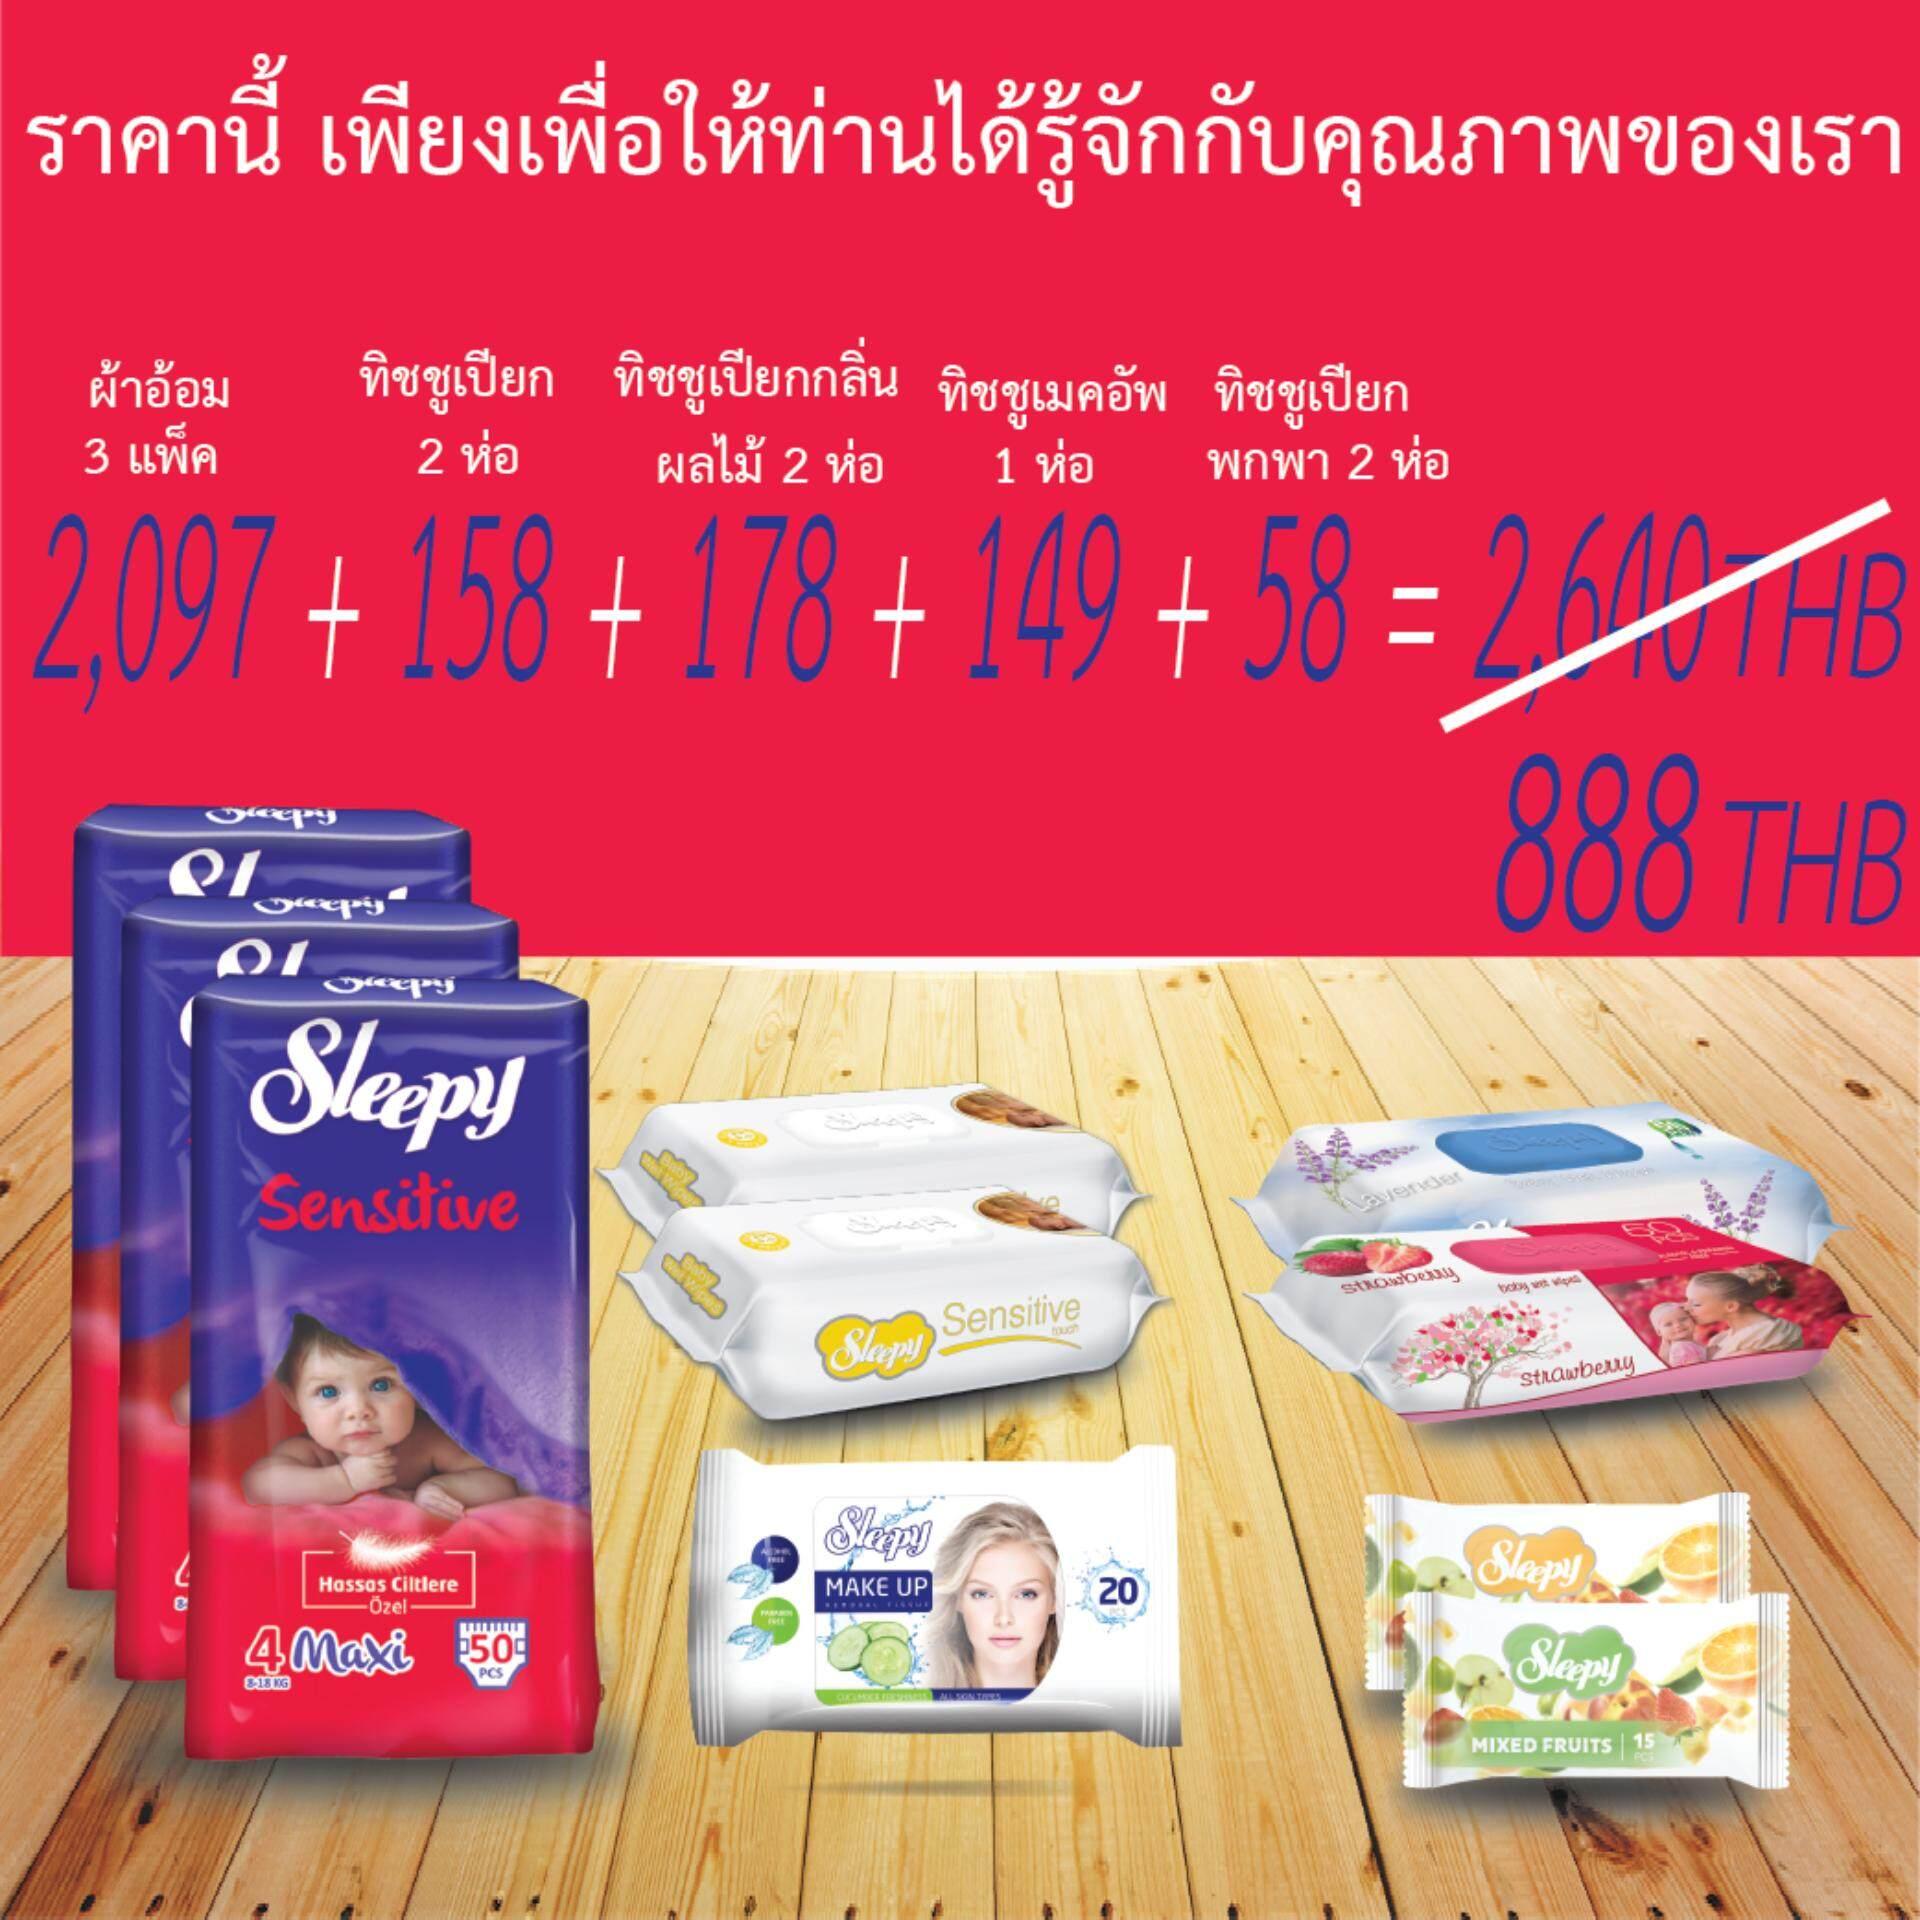 ราคา Sleepy Sensitive ไซส์ Maxi ไซส์ L แพ็คละ 50 ชิ้น สำหรับเด็กน้ำหนัก 8 18 กก 3 แพ็ค 150 ชิ้น ของขวัญทิชชู่เปียก 6 ห่อ และเมคอัพรีมูเวิลทิชชู 1 ห่อ รวมมูลค่า 543 บาท Sleepy